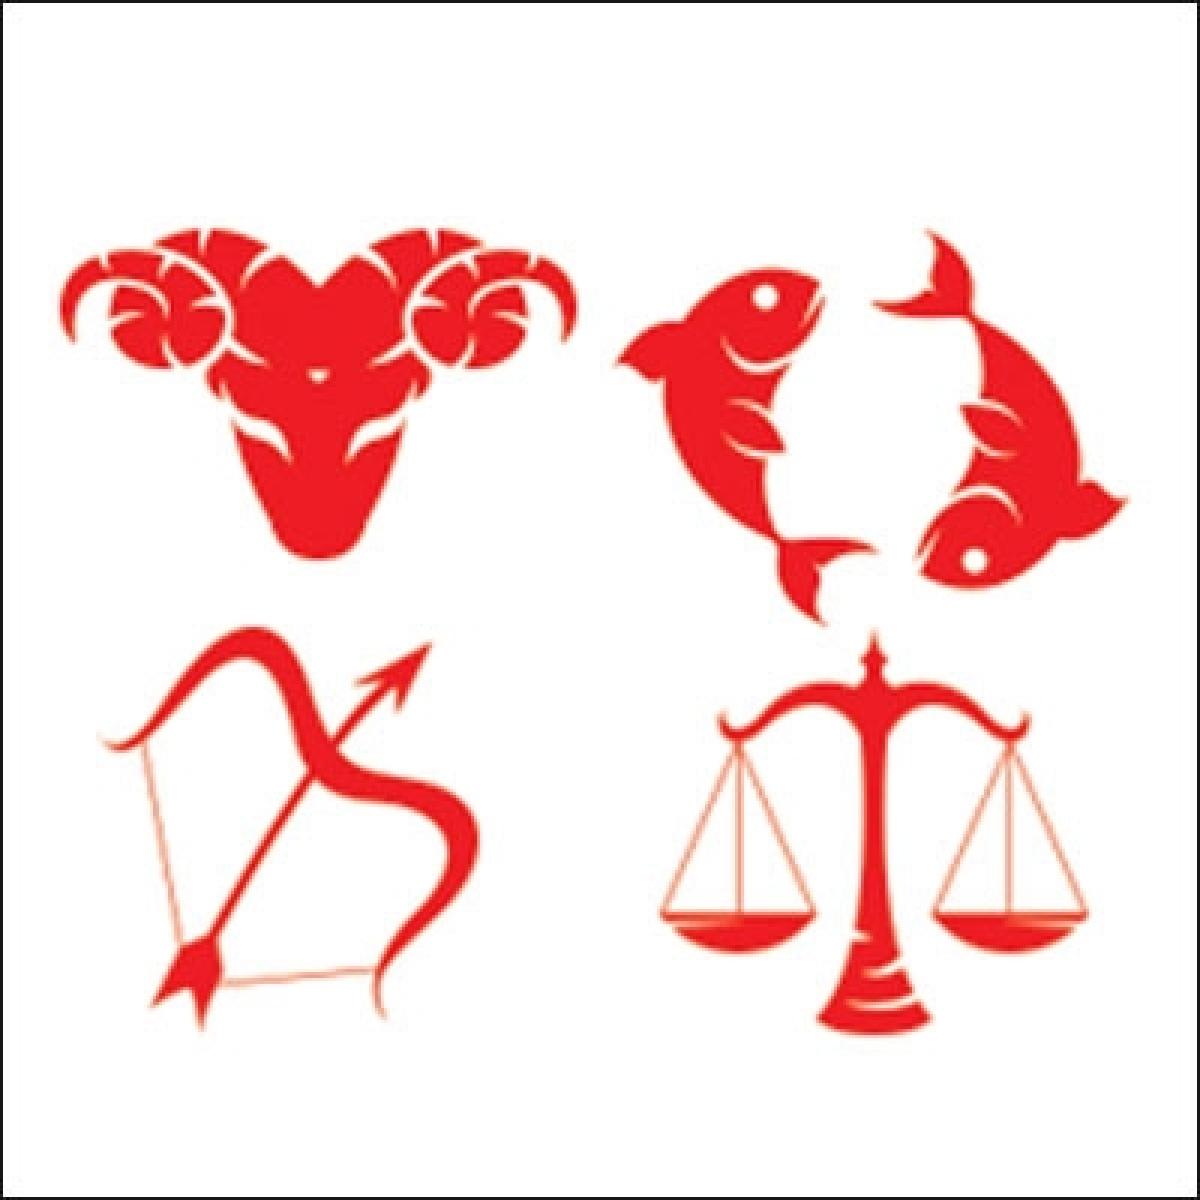 ராசிபலன்கள் -  நவம்பர் 30-ம் தேதி முதல் டிசம்பர் 13-ம் தேதி வரை